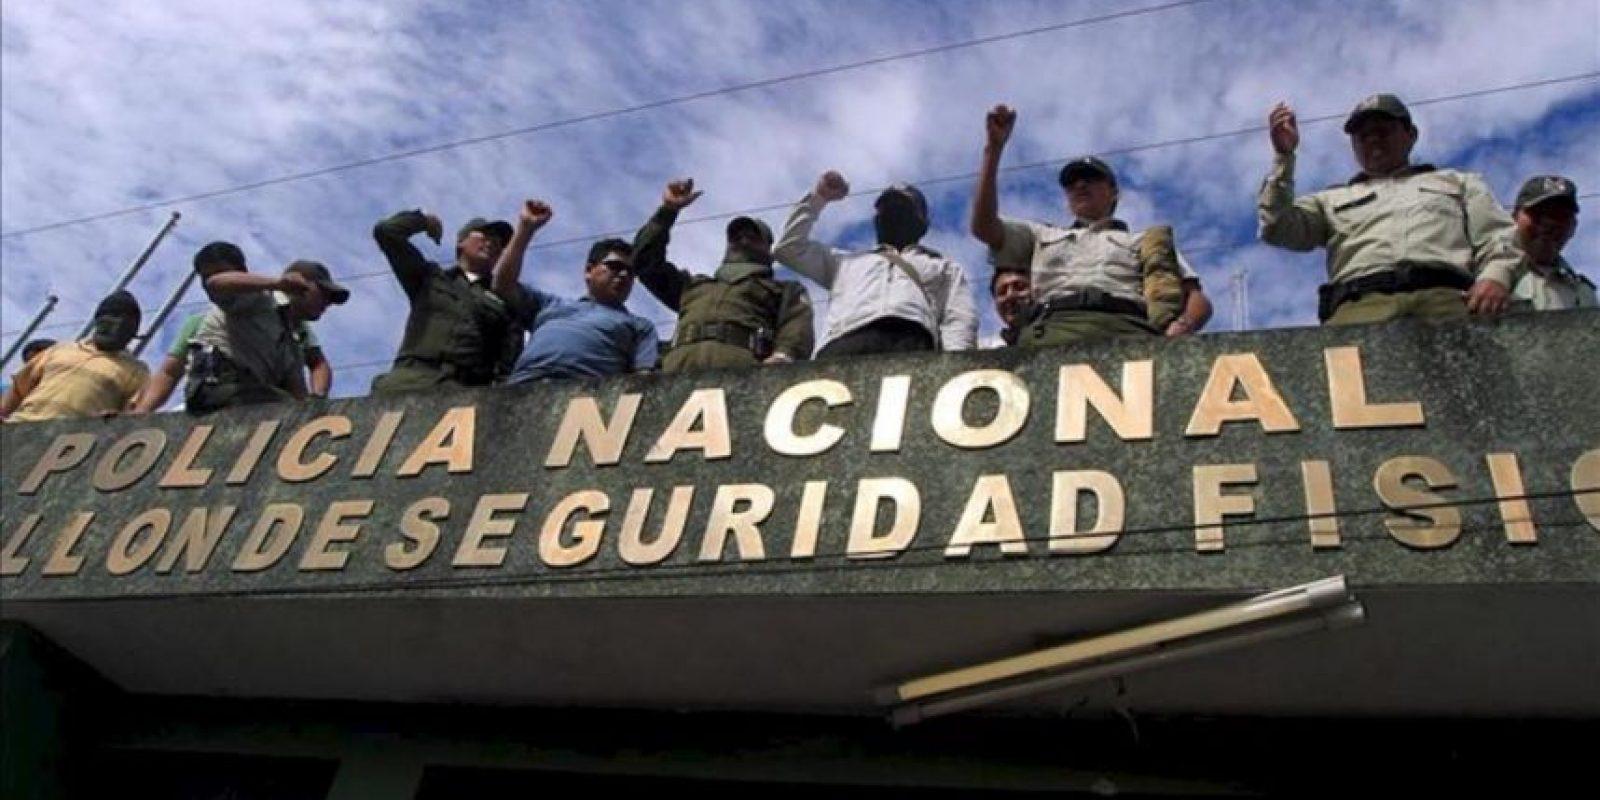 Policías amotinados se toman el edificio del comando regional de la policía y el servicio de identificaciones, que antes era administrado por esa institución pero que ahora está en manos de civiles en la ciudad oriental de Santa Cruz (Bolivia). EFE